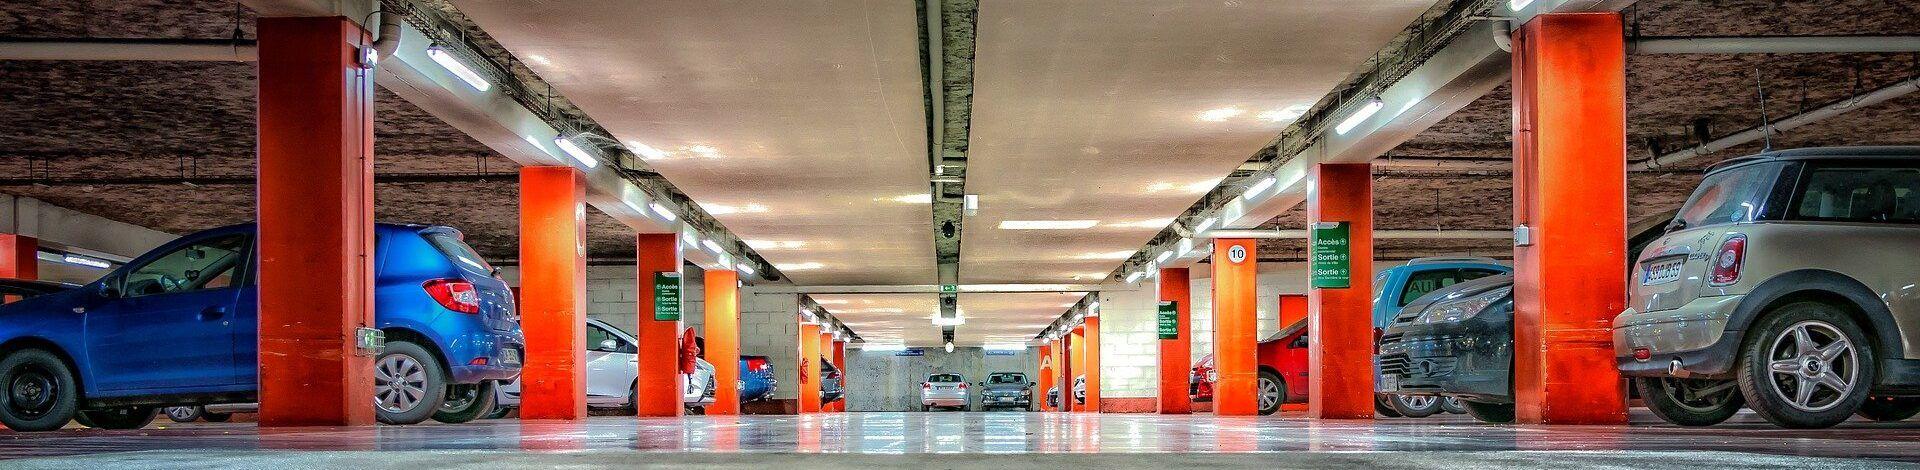 avanzados-sensores-aparcamiento